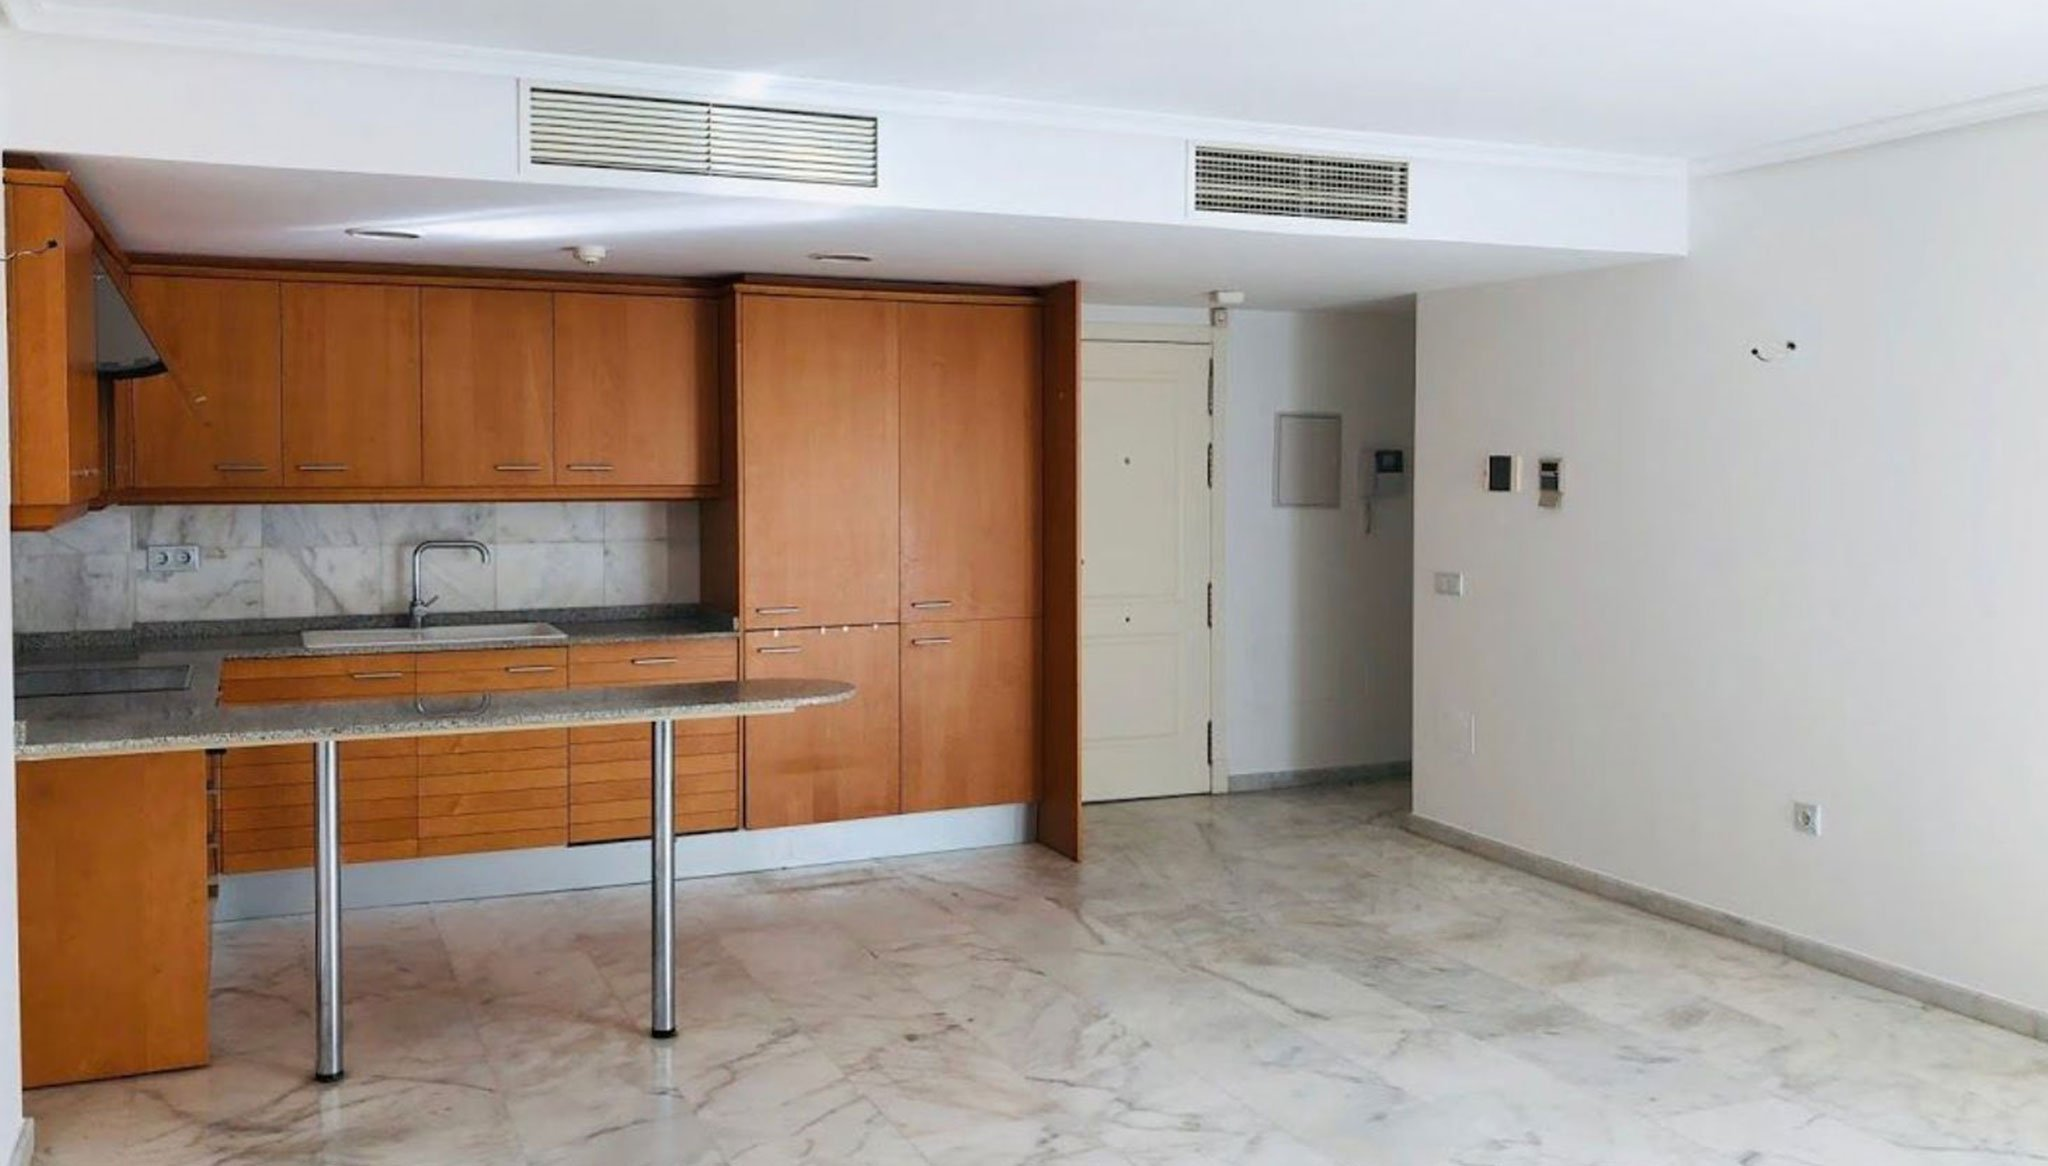 Cocina y salón de un piso de tres habitaciones en venta en Moraira – Mare Nostrum Inmobiliaria